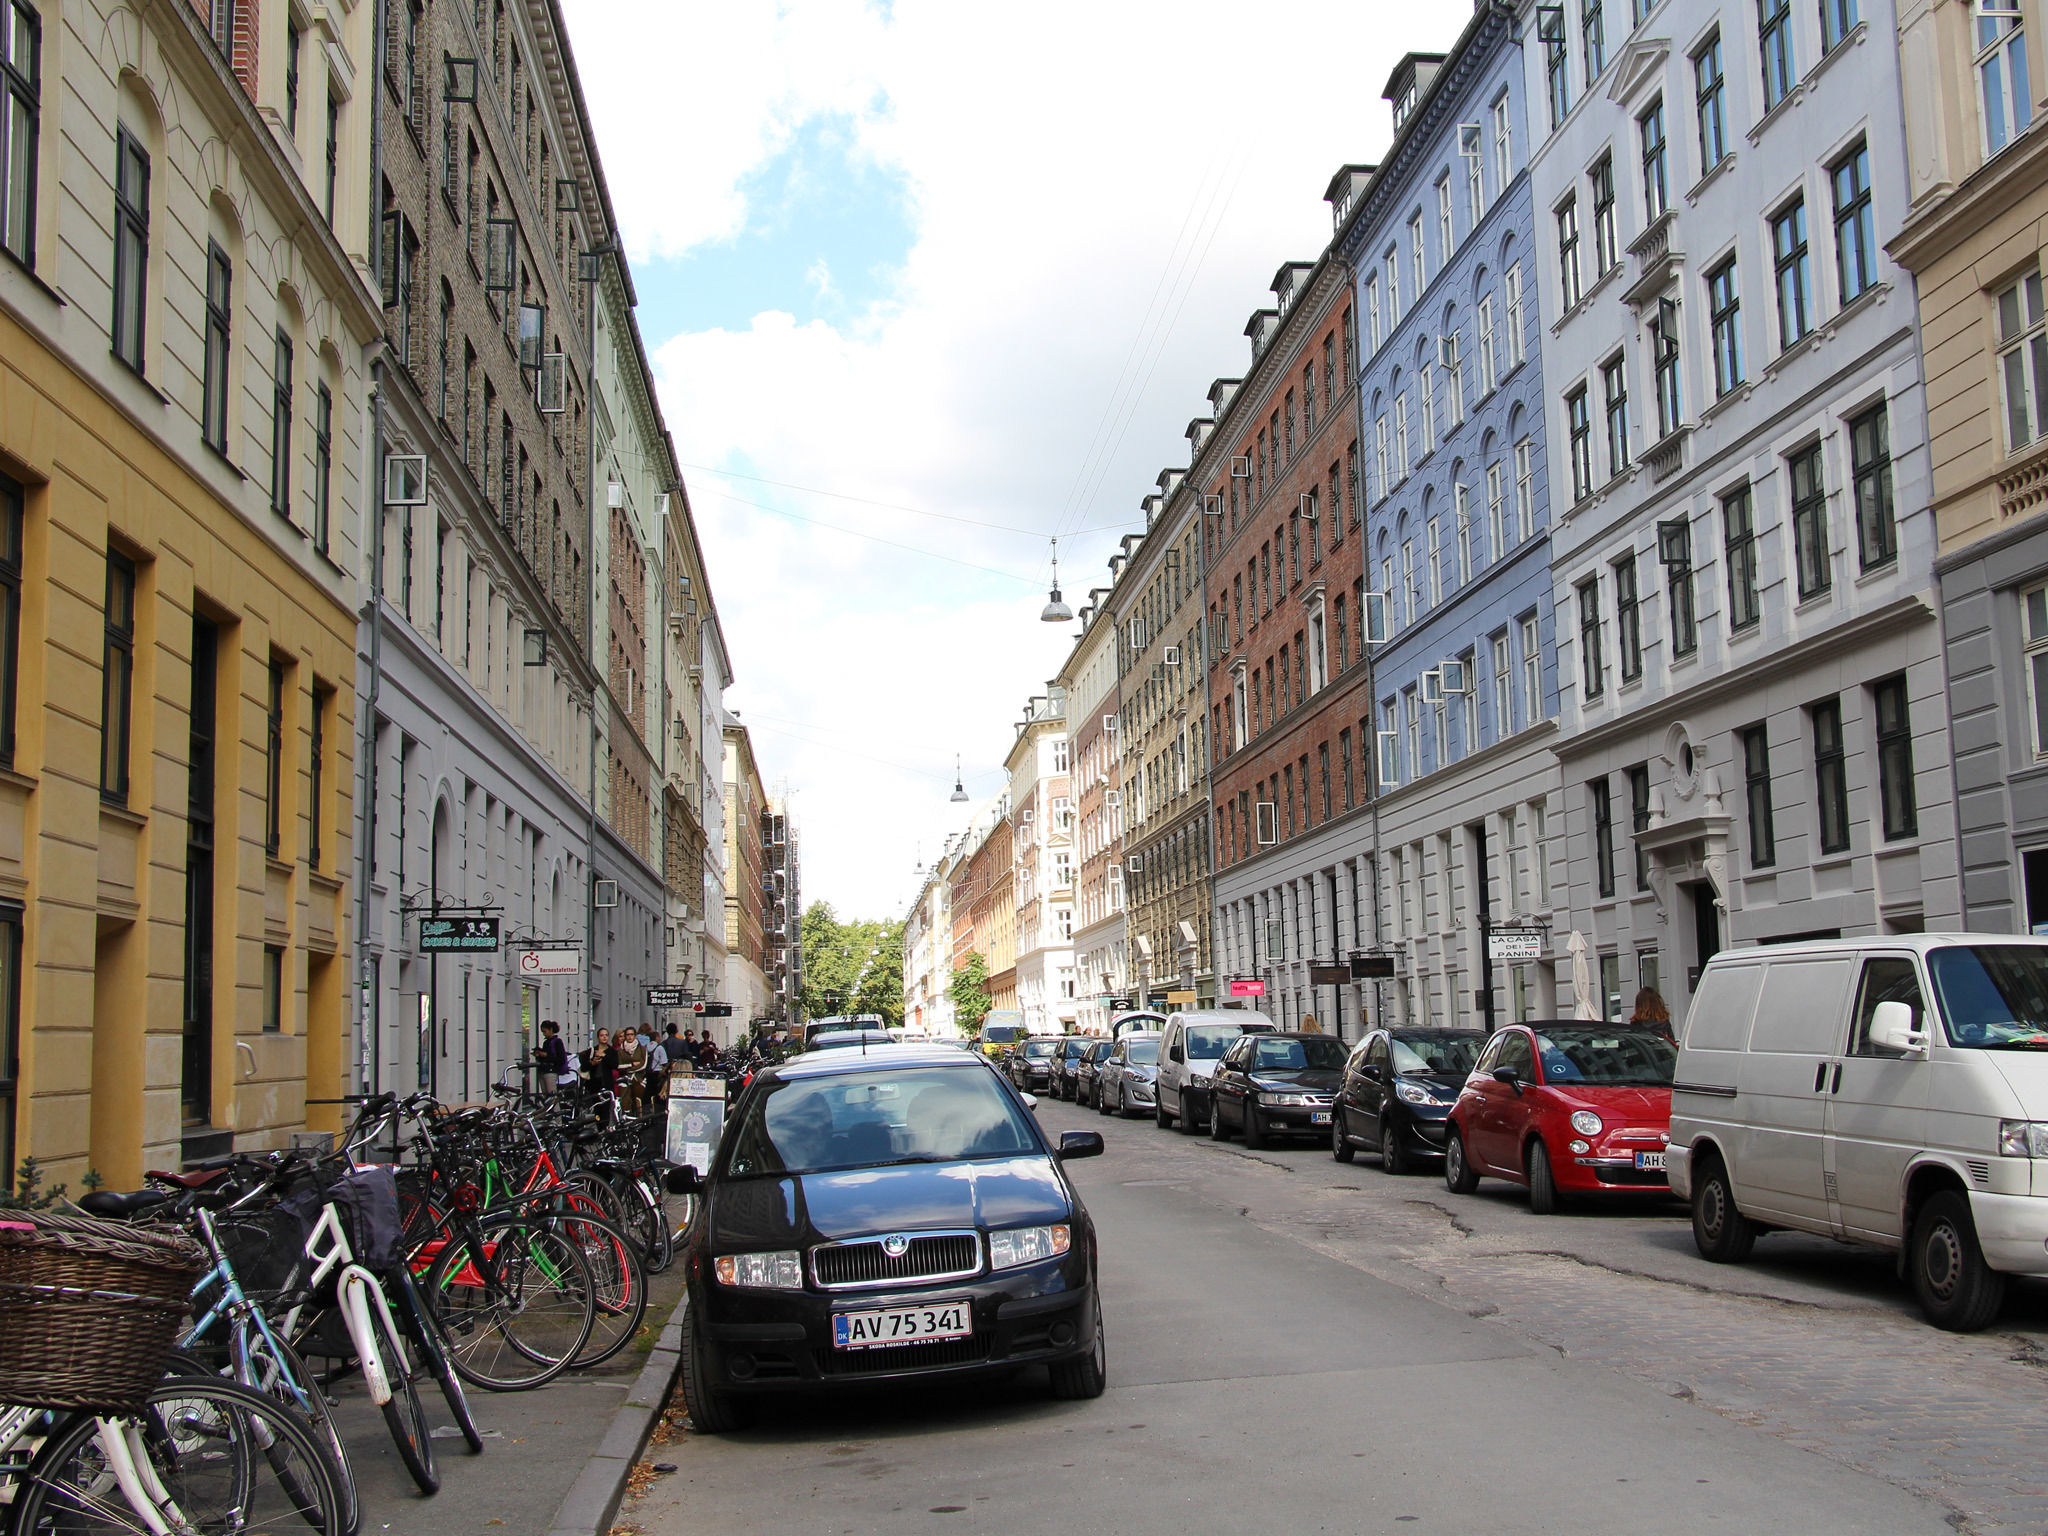 Jaegersborggade in Norrebrø in Copenhagen